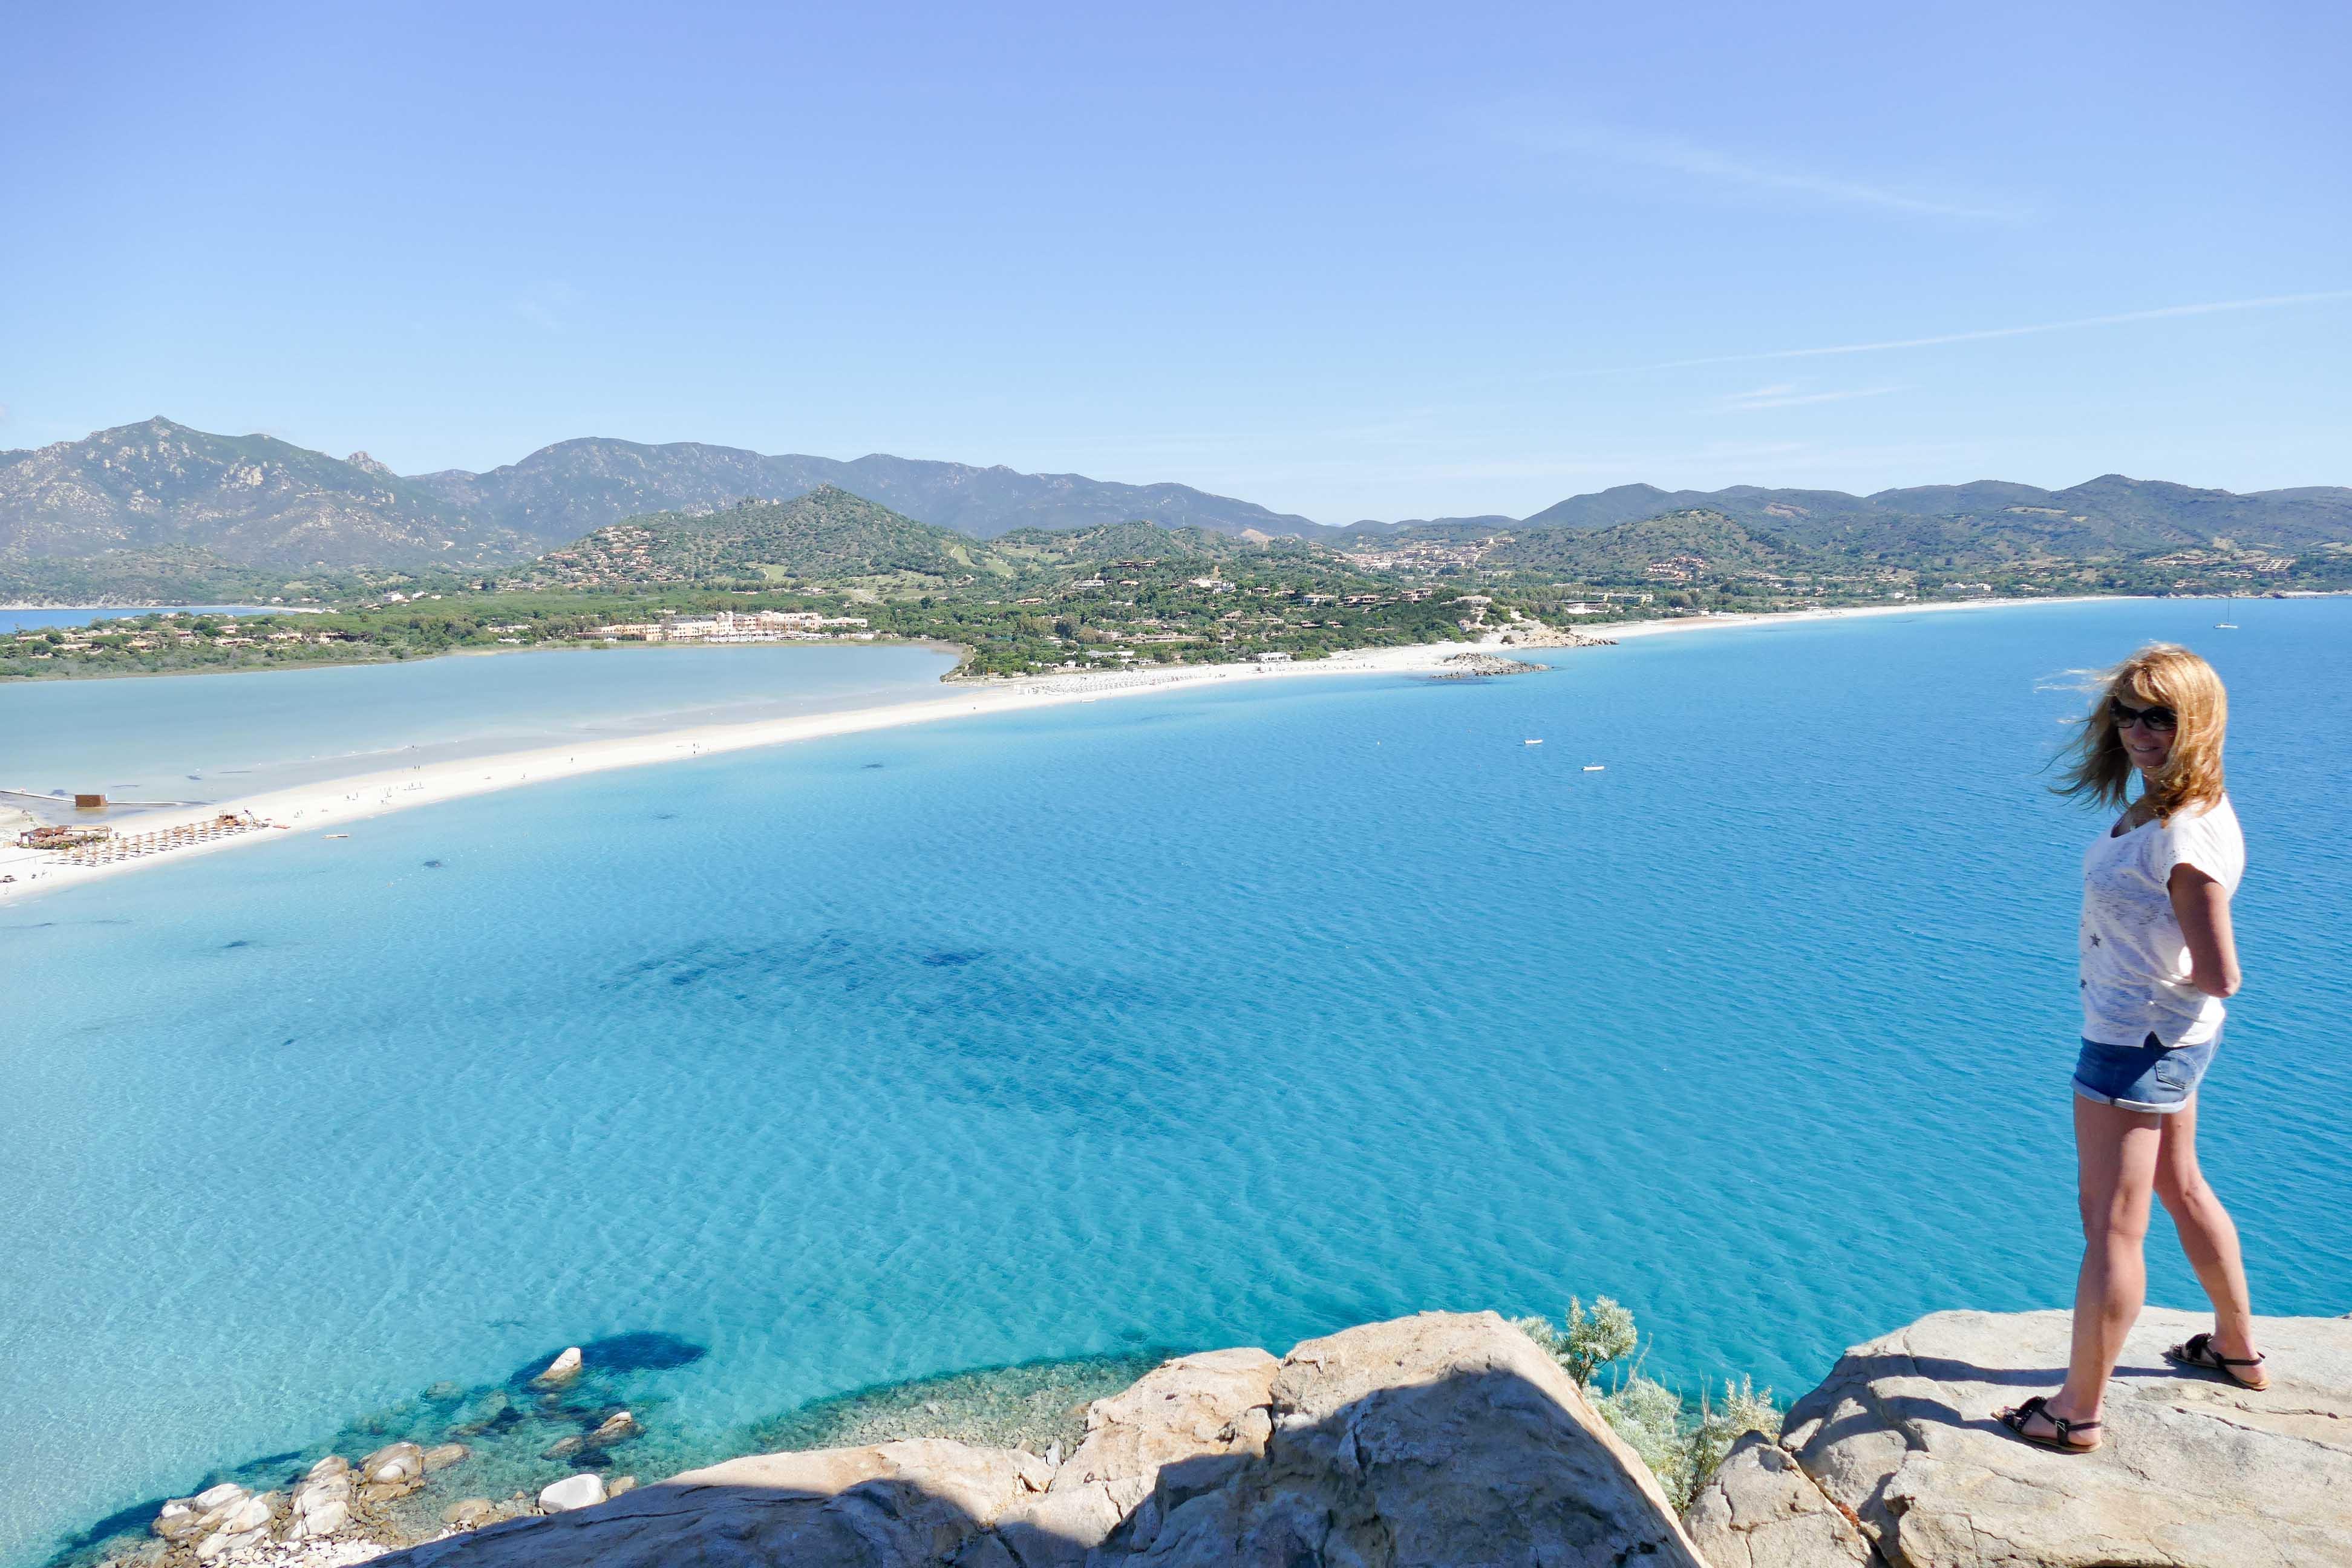 Vacances en Sardaigne - Le Sud - Les plus belles plages